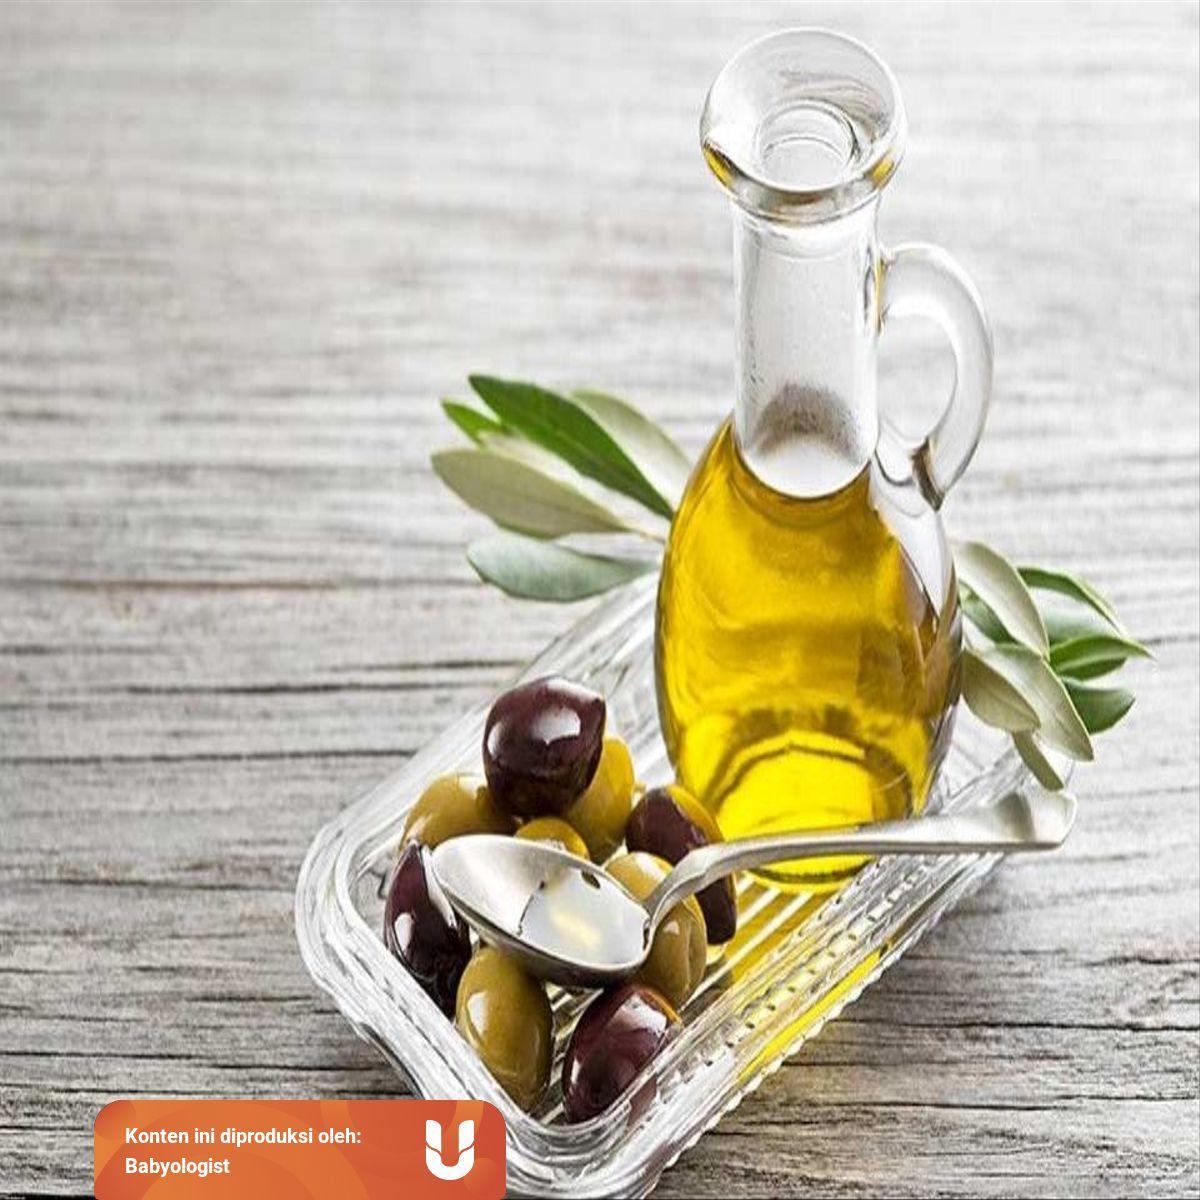 Minyak Zaitun Obat Alami Solusi Mudah Biang Keringat Kumparan Com